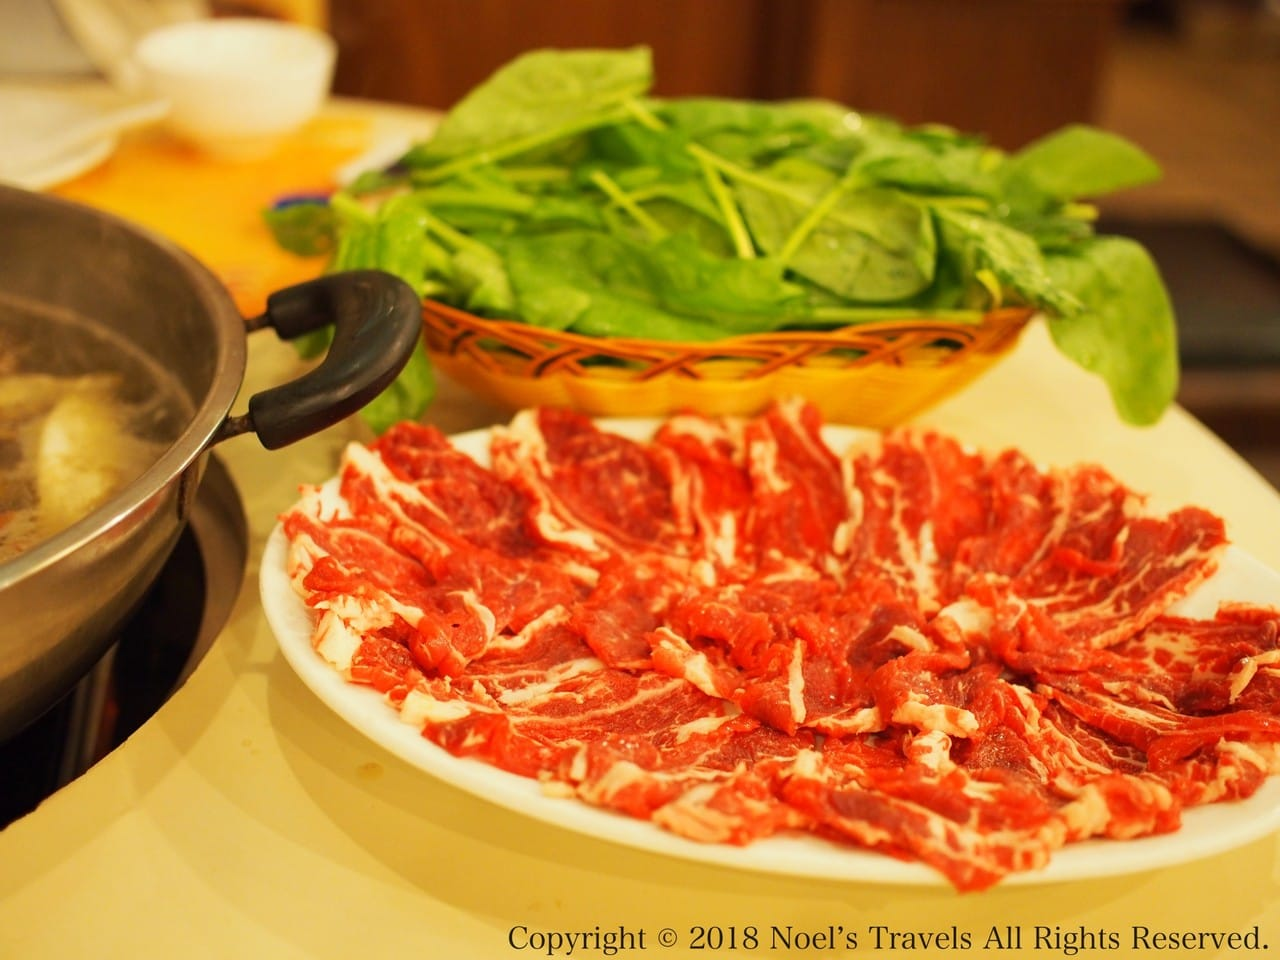 香港の四川料理店「三希楼」の火鍋